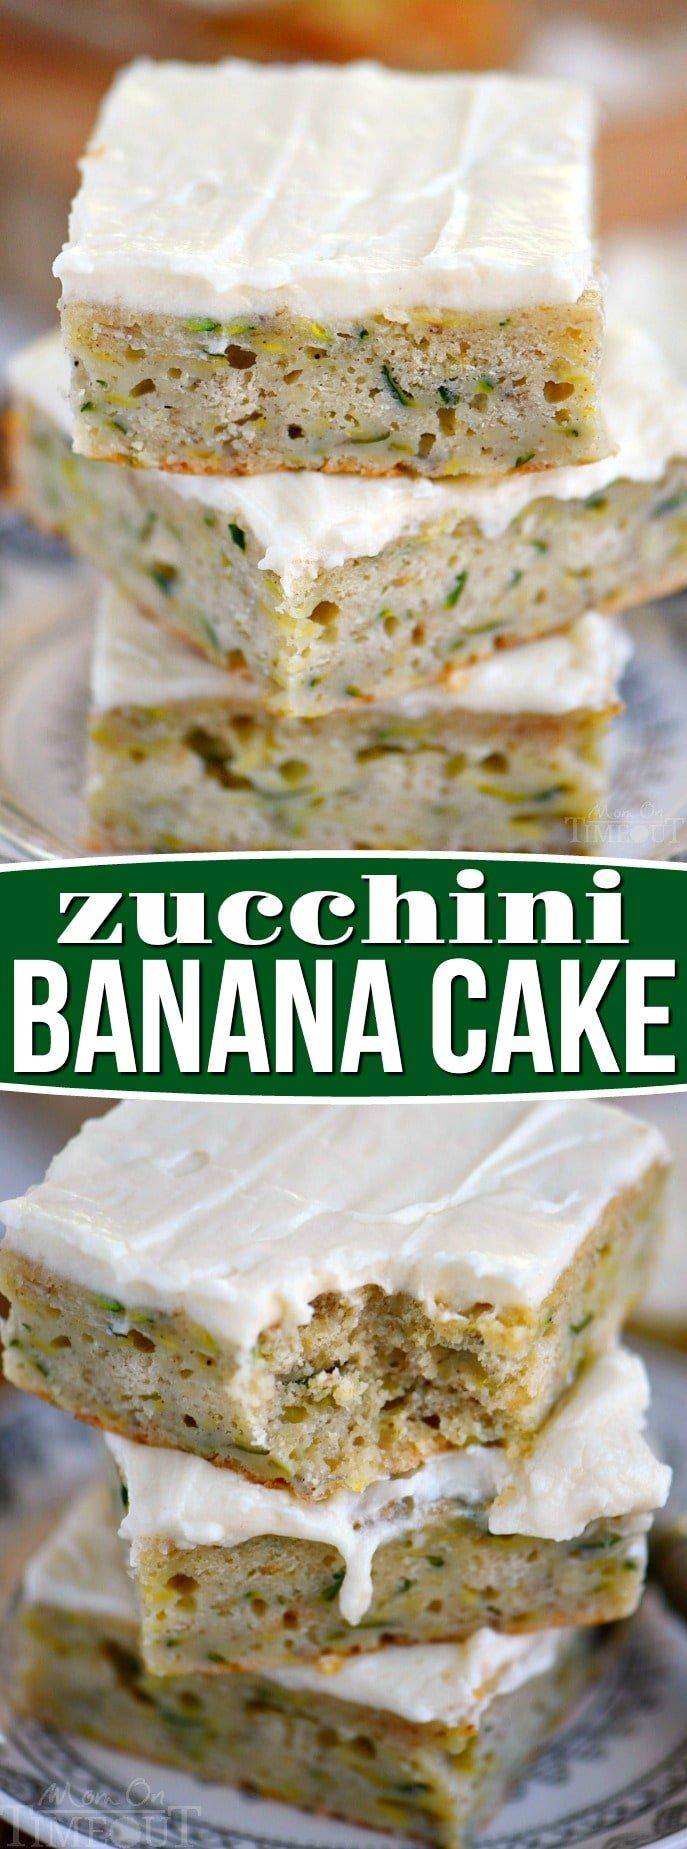 zucchini-banana-cake-collage